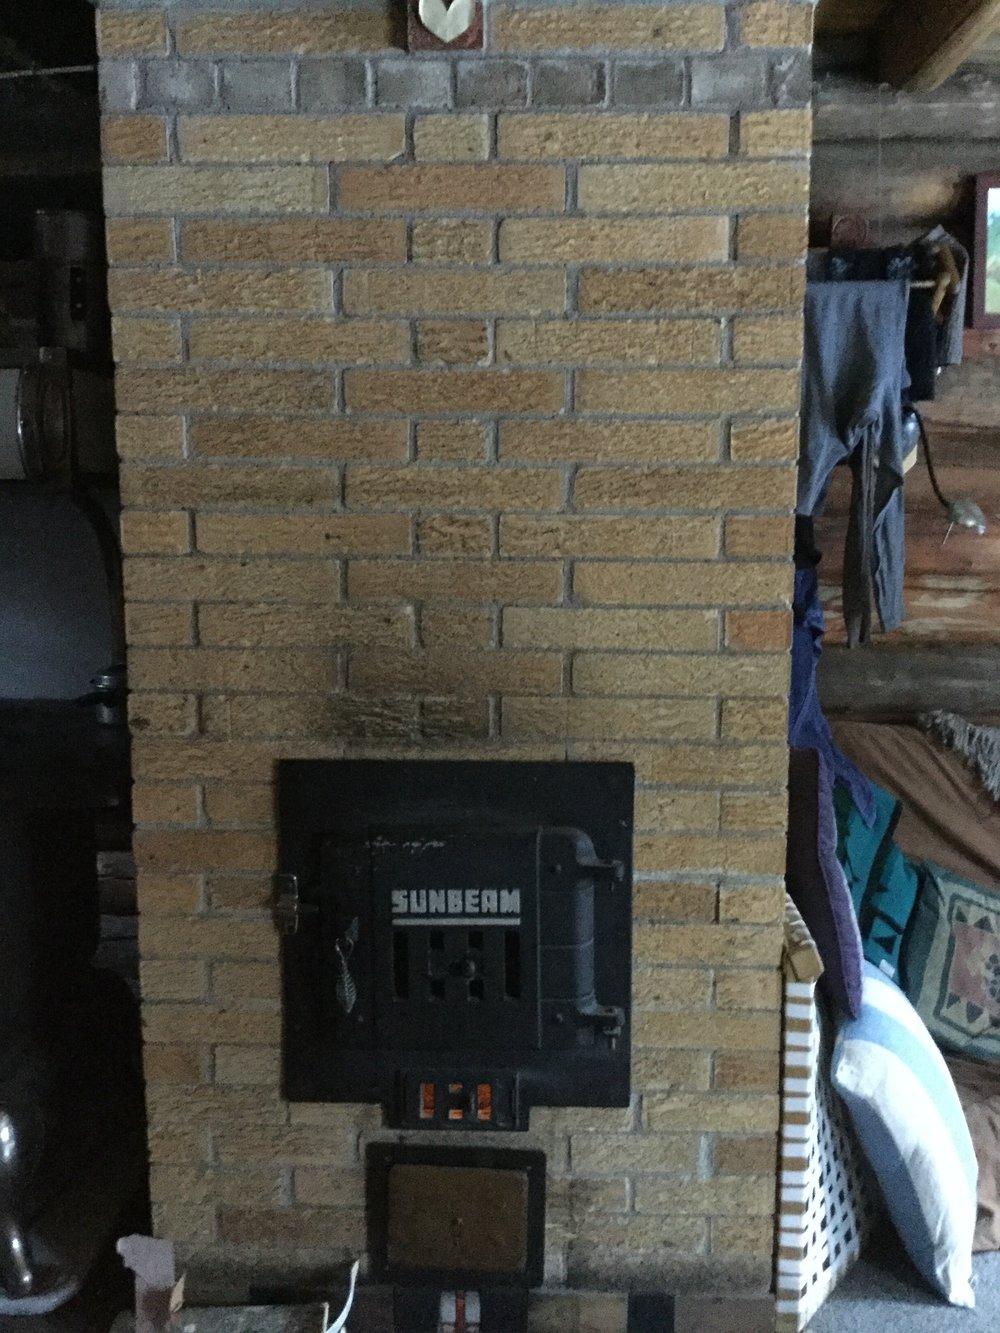 John's heat stove